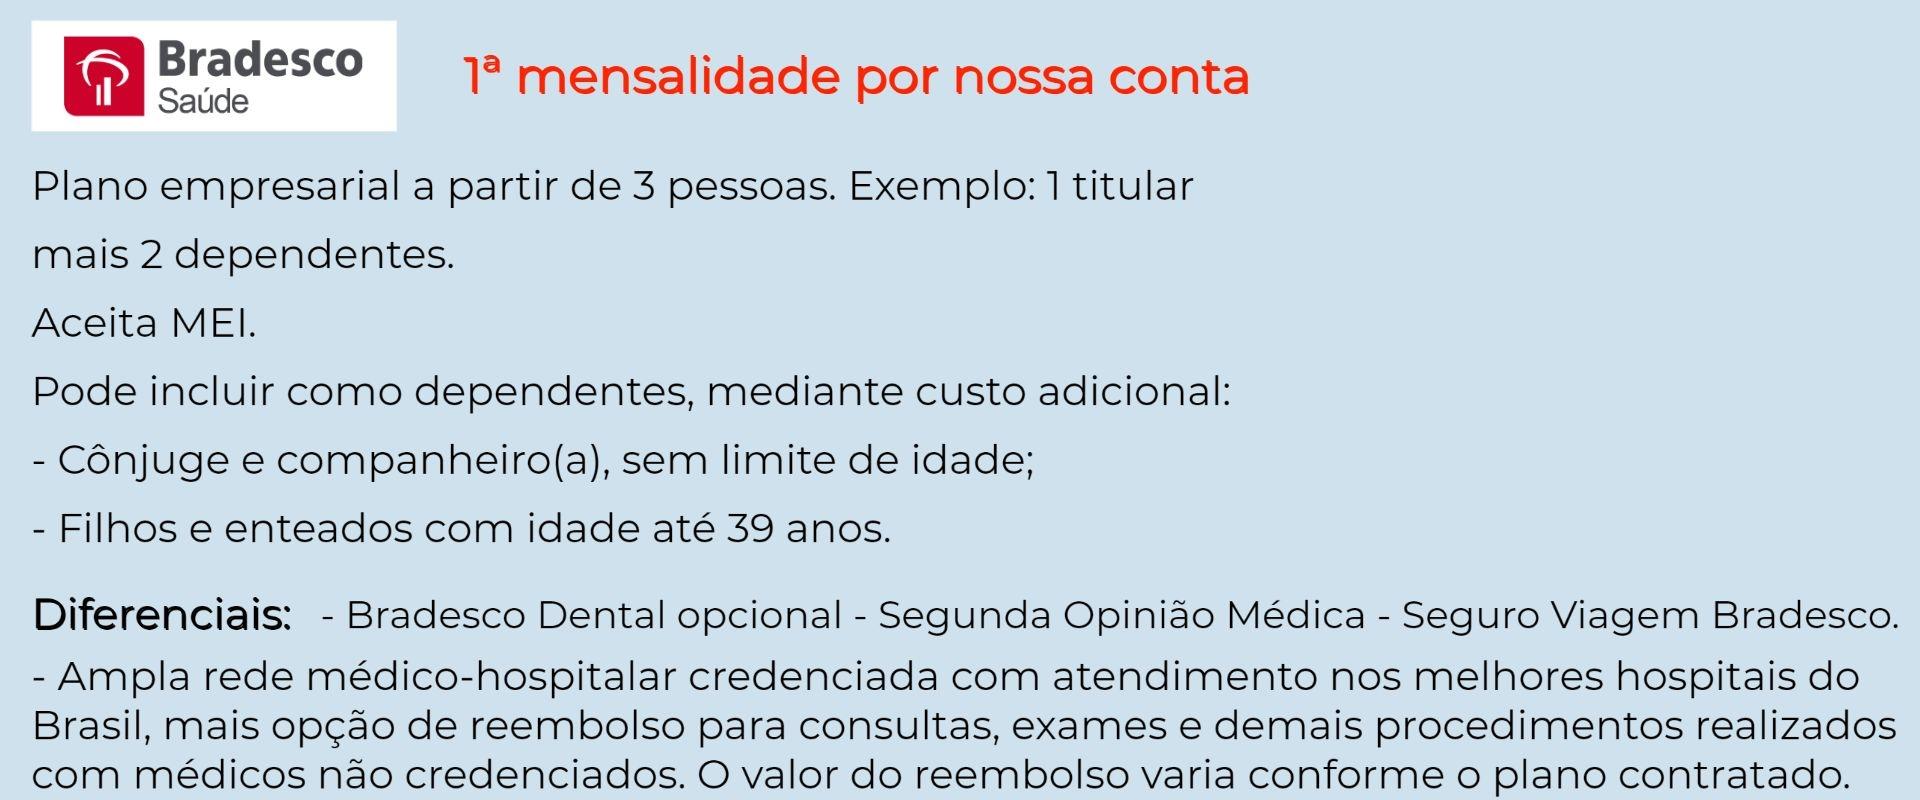 Bradesco Saúde Empresarial -  Afonso Cláudio